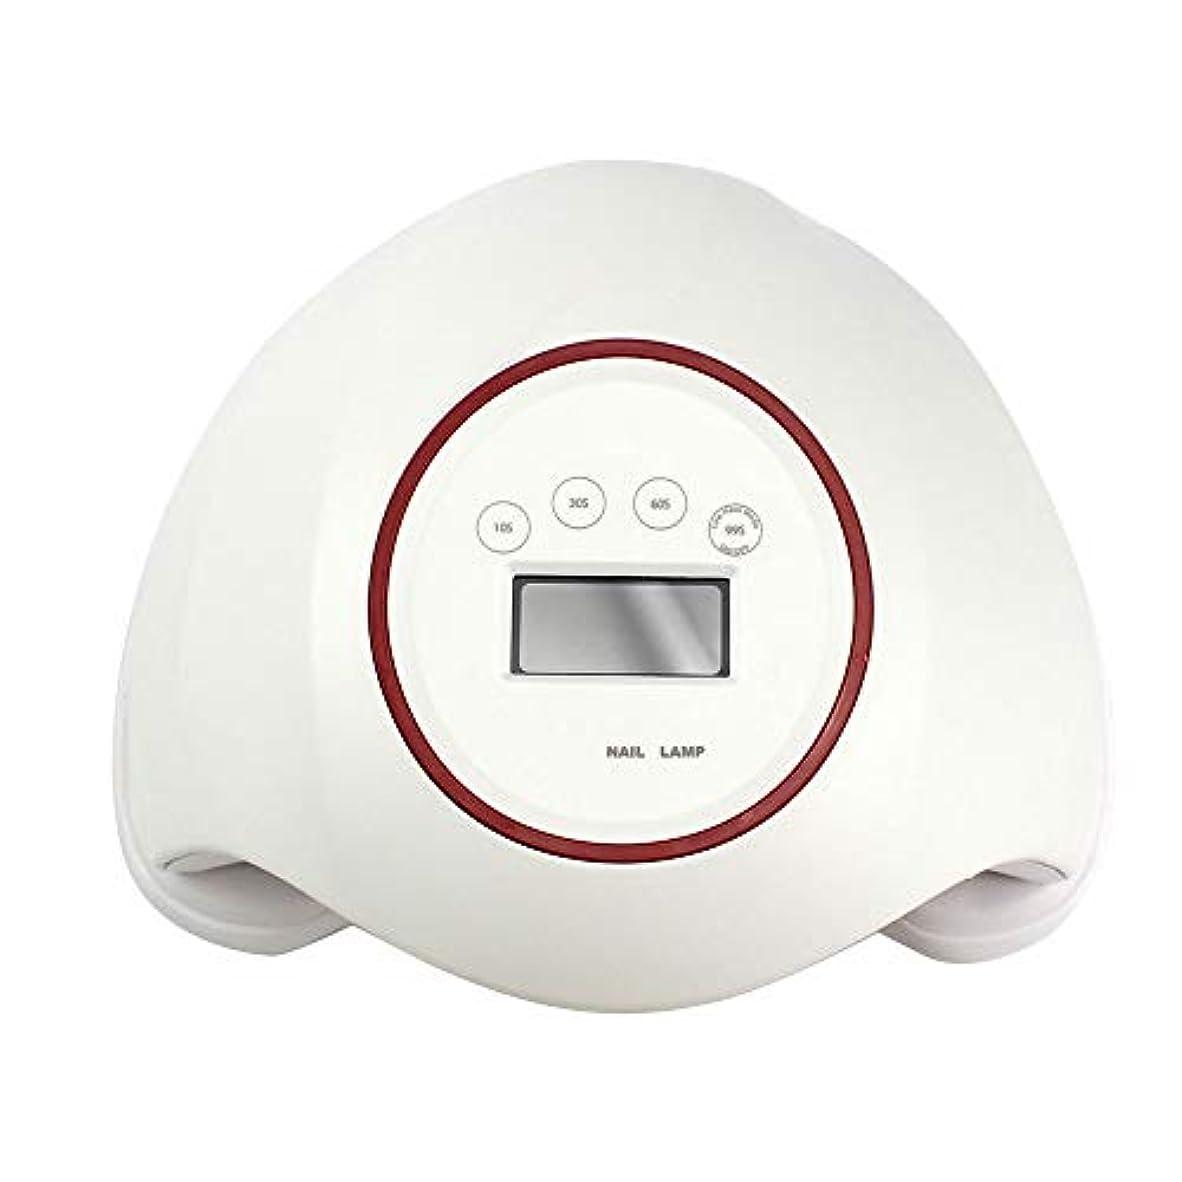 高度玉ダルセットネイルドライヤーポータブルネイルライト - ネイル光線療法機48ワット液晶ディスプレイマルチステップタイミング無痛モードネイルドライヤー,White